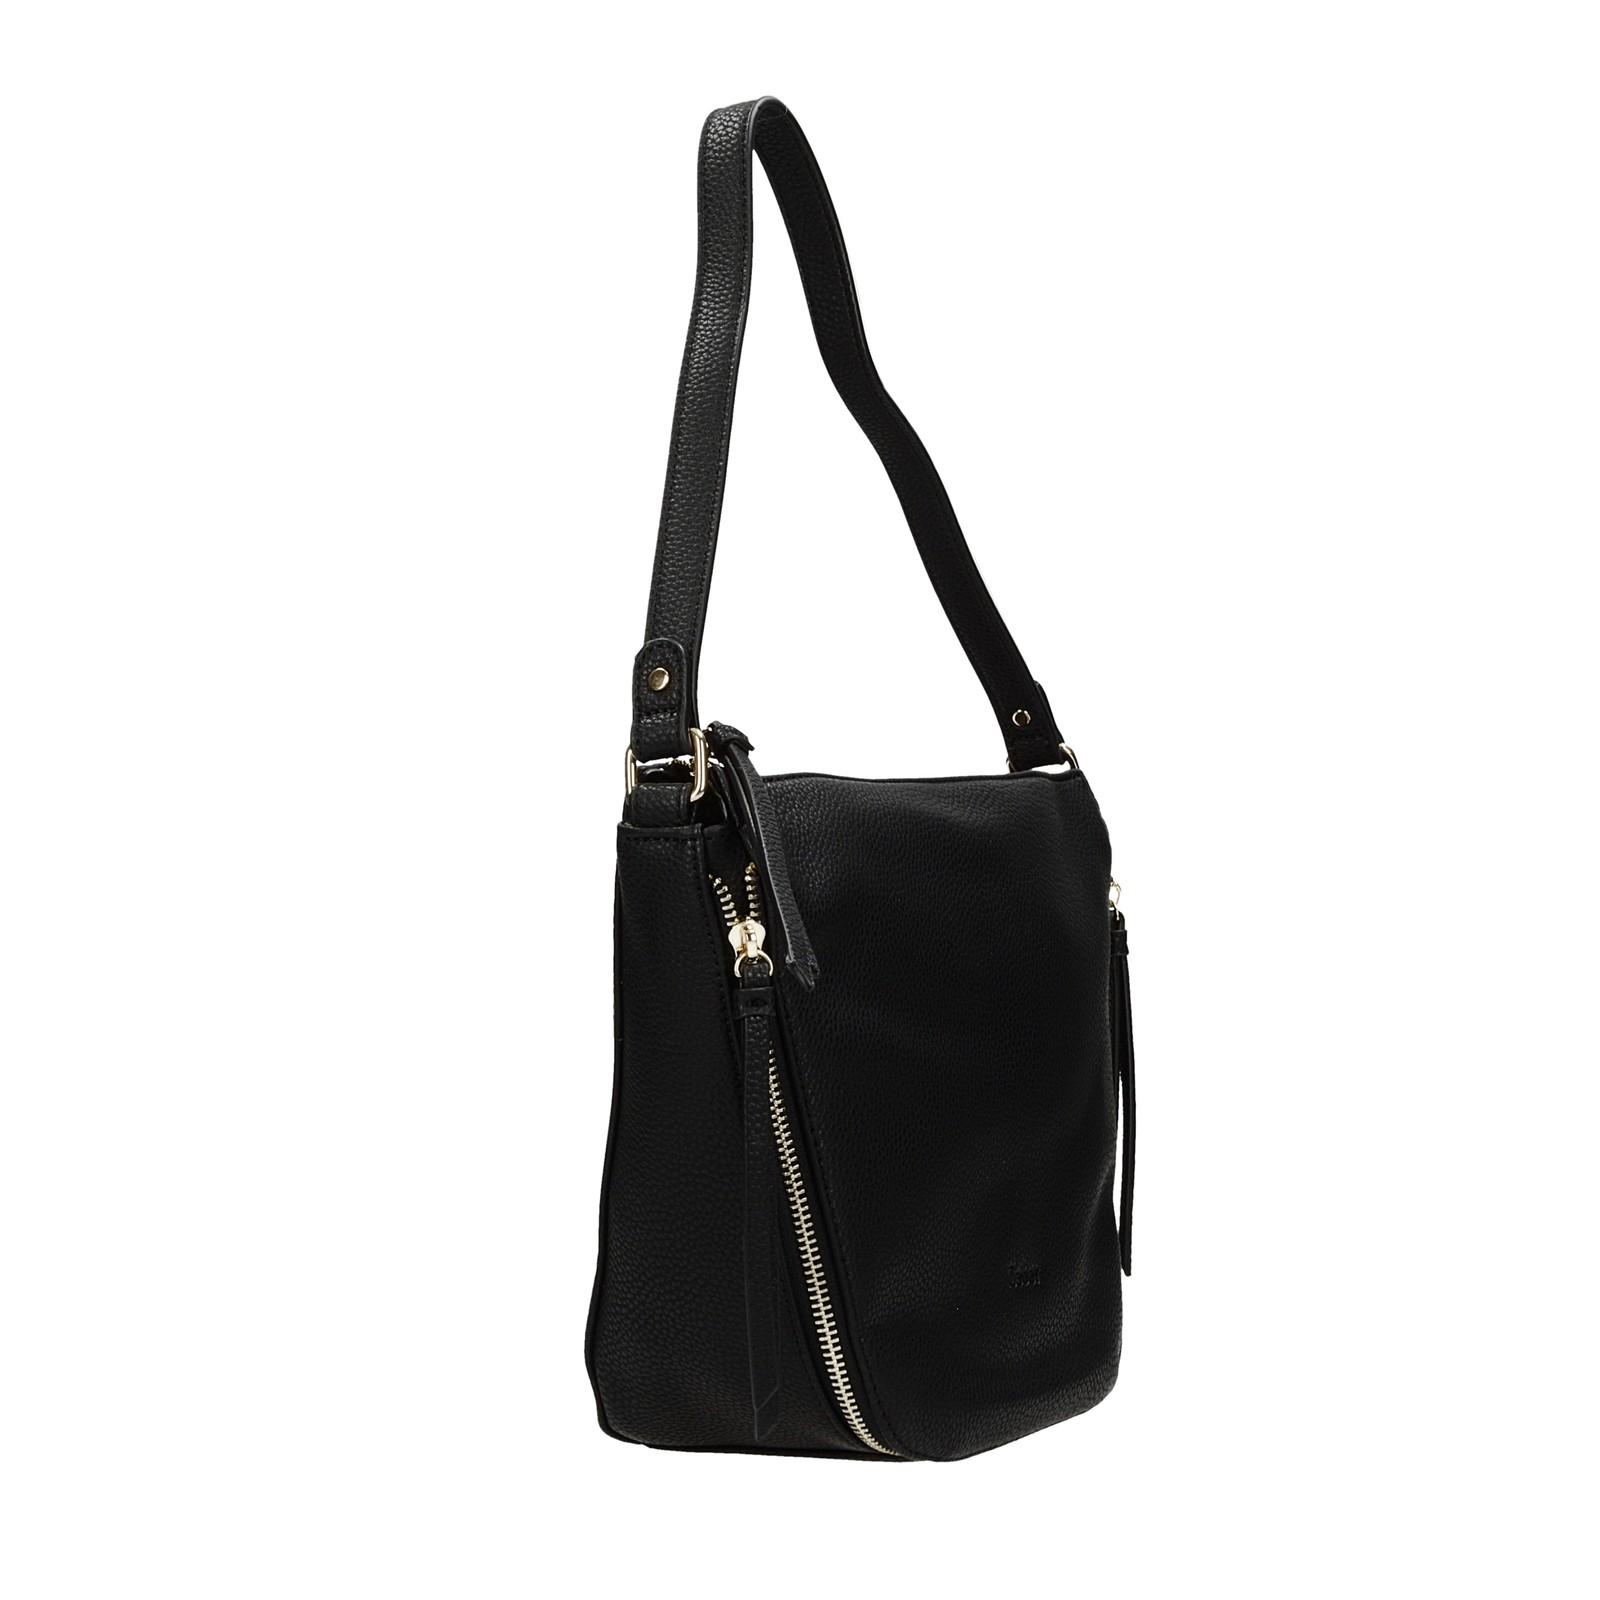 82c5dbbac8 ... Gabor dámska štýlová kabelka - čierna ...